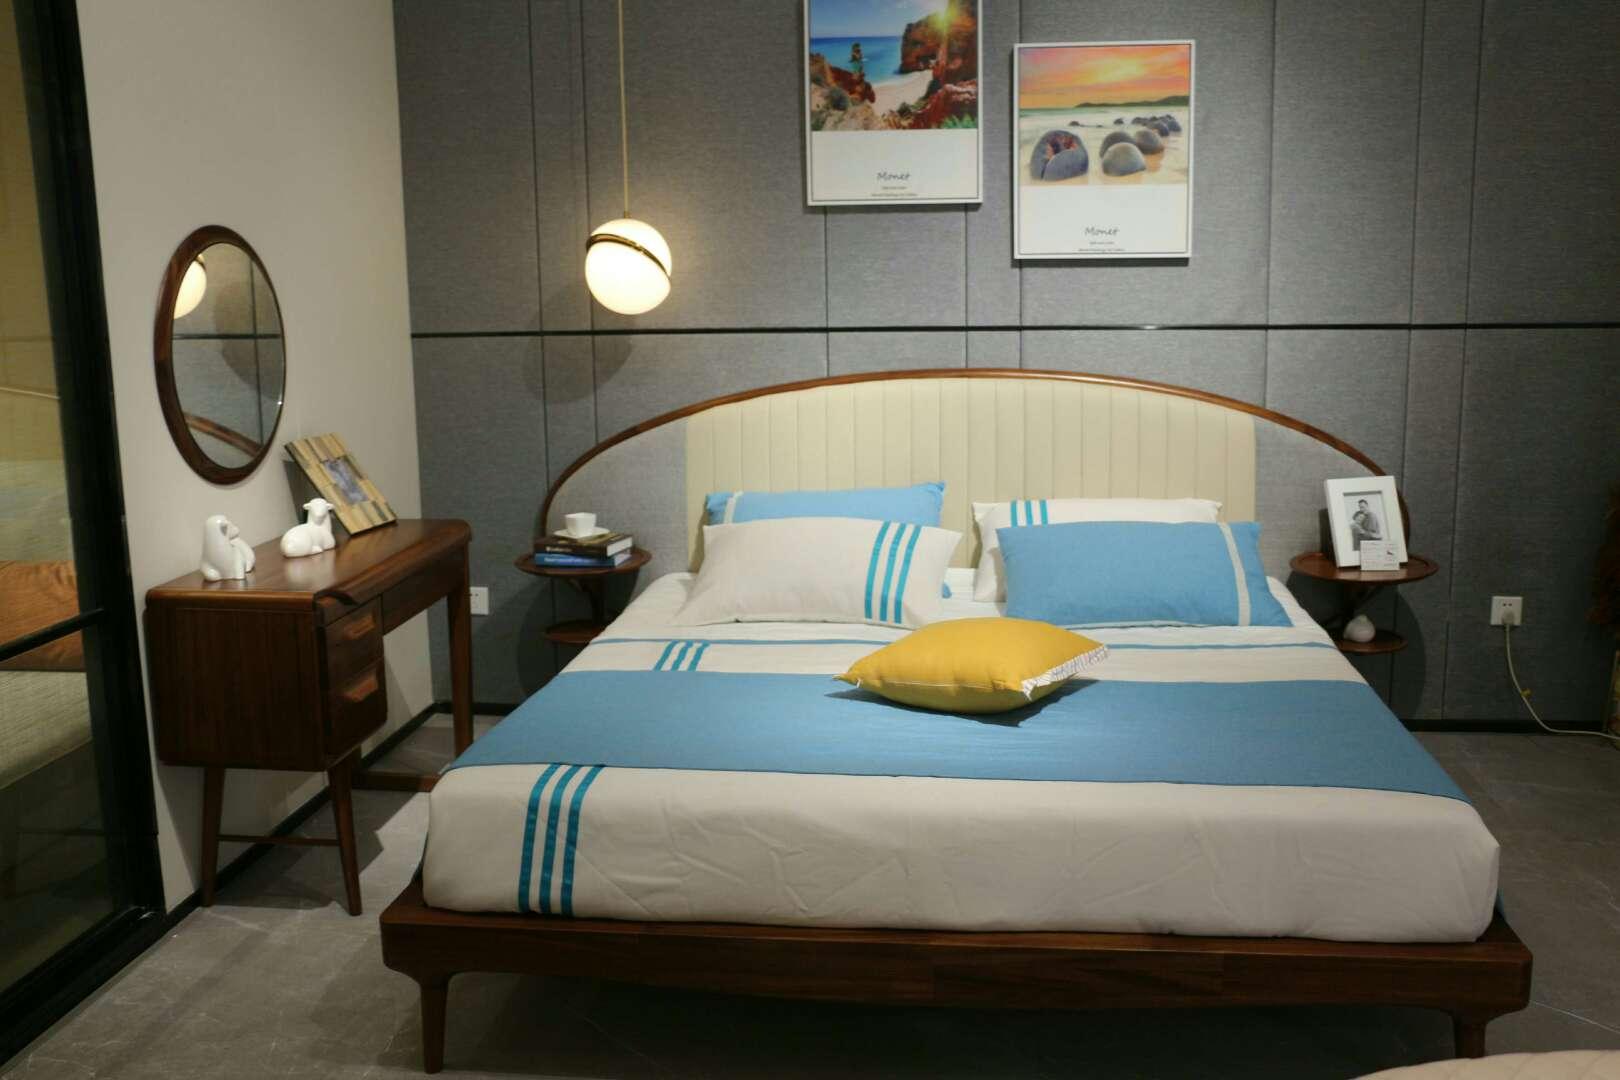 天籁之音2代  黄檀木(黄玫瑰)宝恒家具有限公司 轻奢简约中式北欧极简套房家具